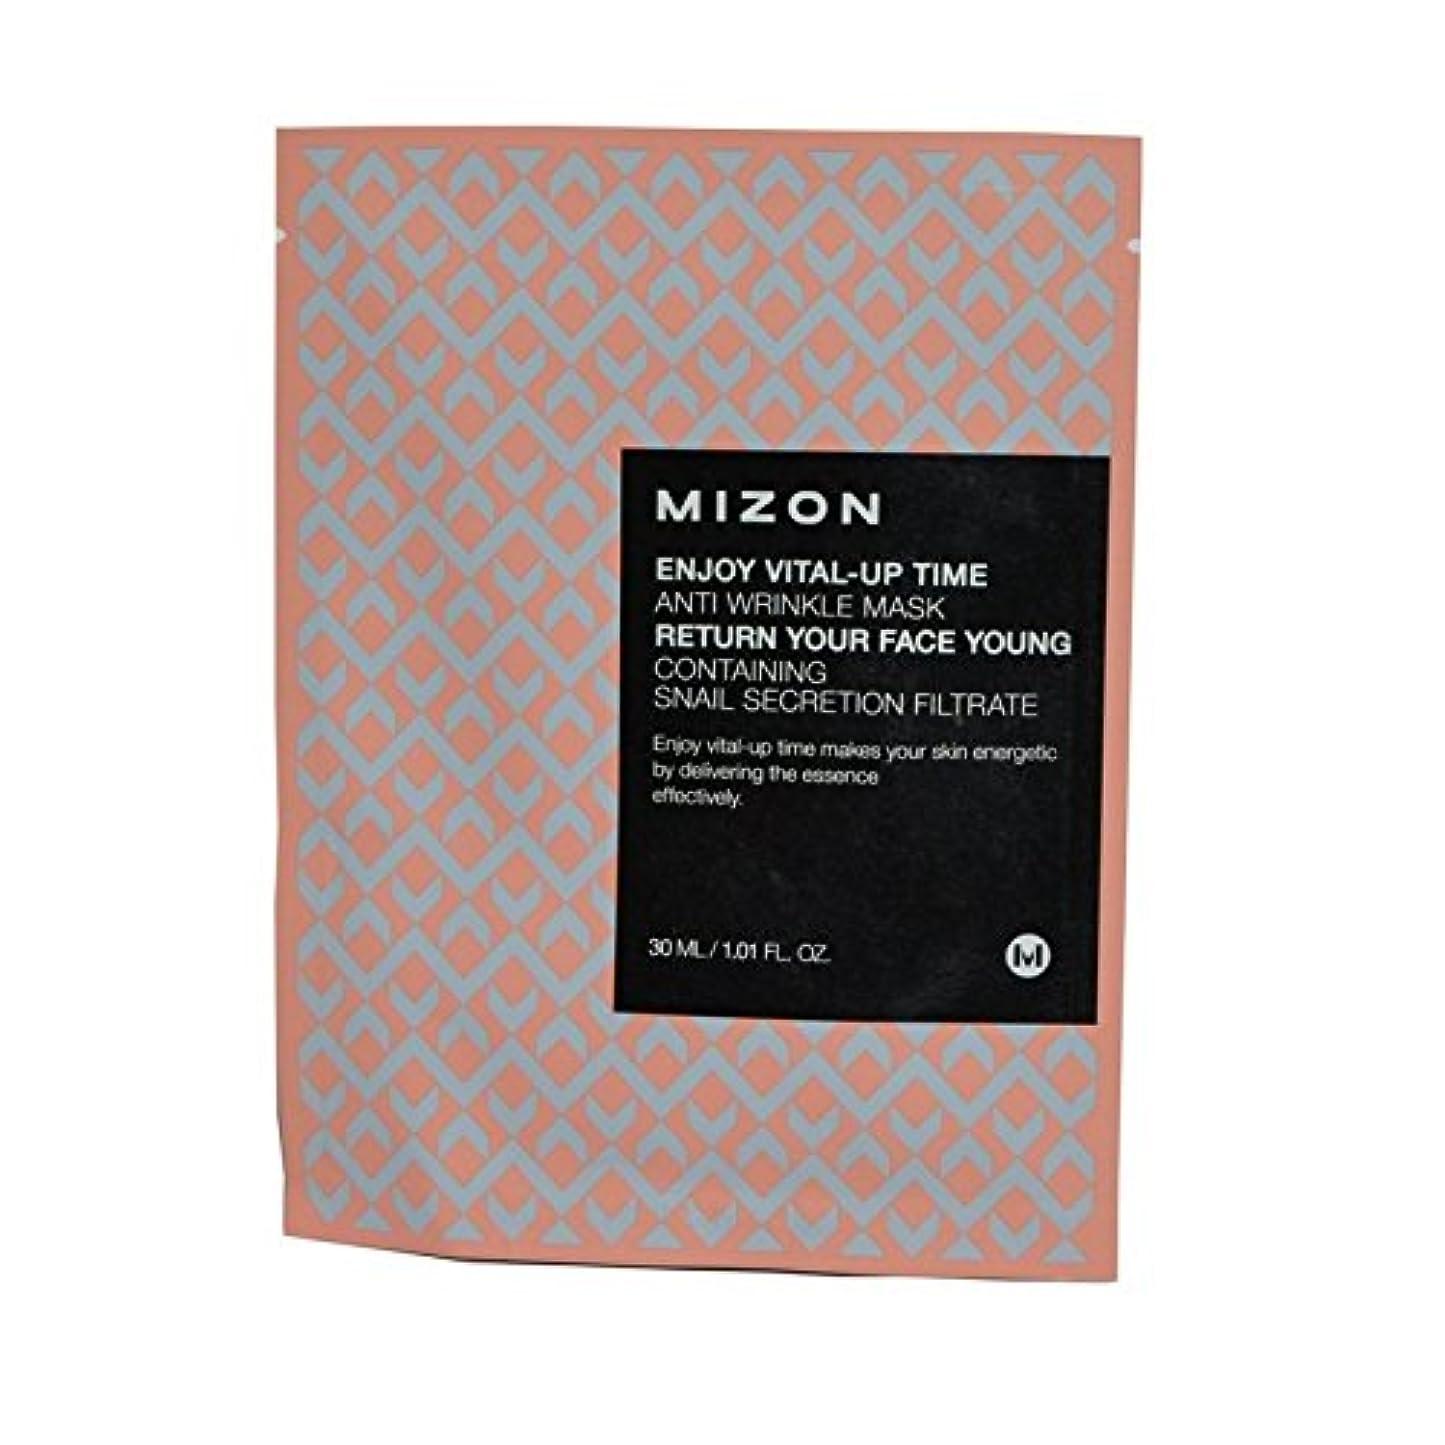 小学生観察するもしが不可欠アップ時間抗しわマスクを楽しみます x4 - Mizon Enjoy Vital Up Time Anti-Wrinkle Mask (Pack of 4) [並行輸入品]